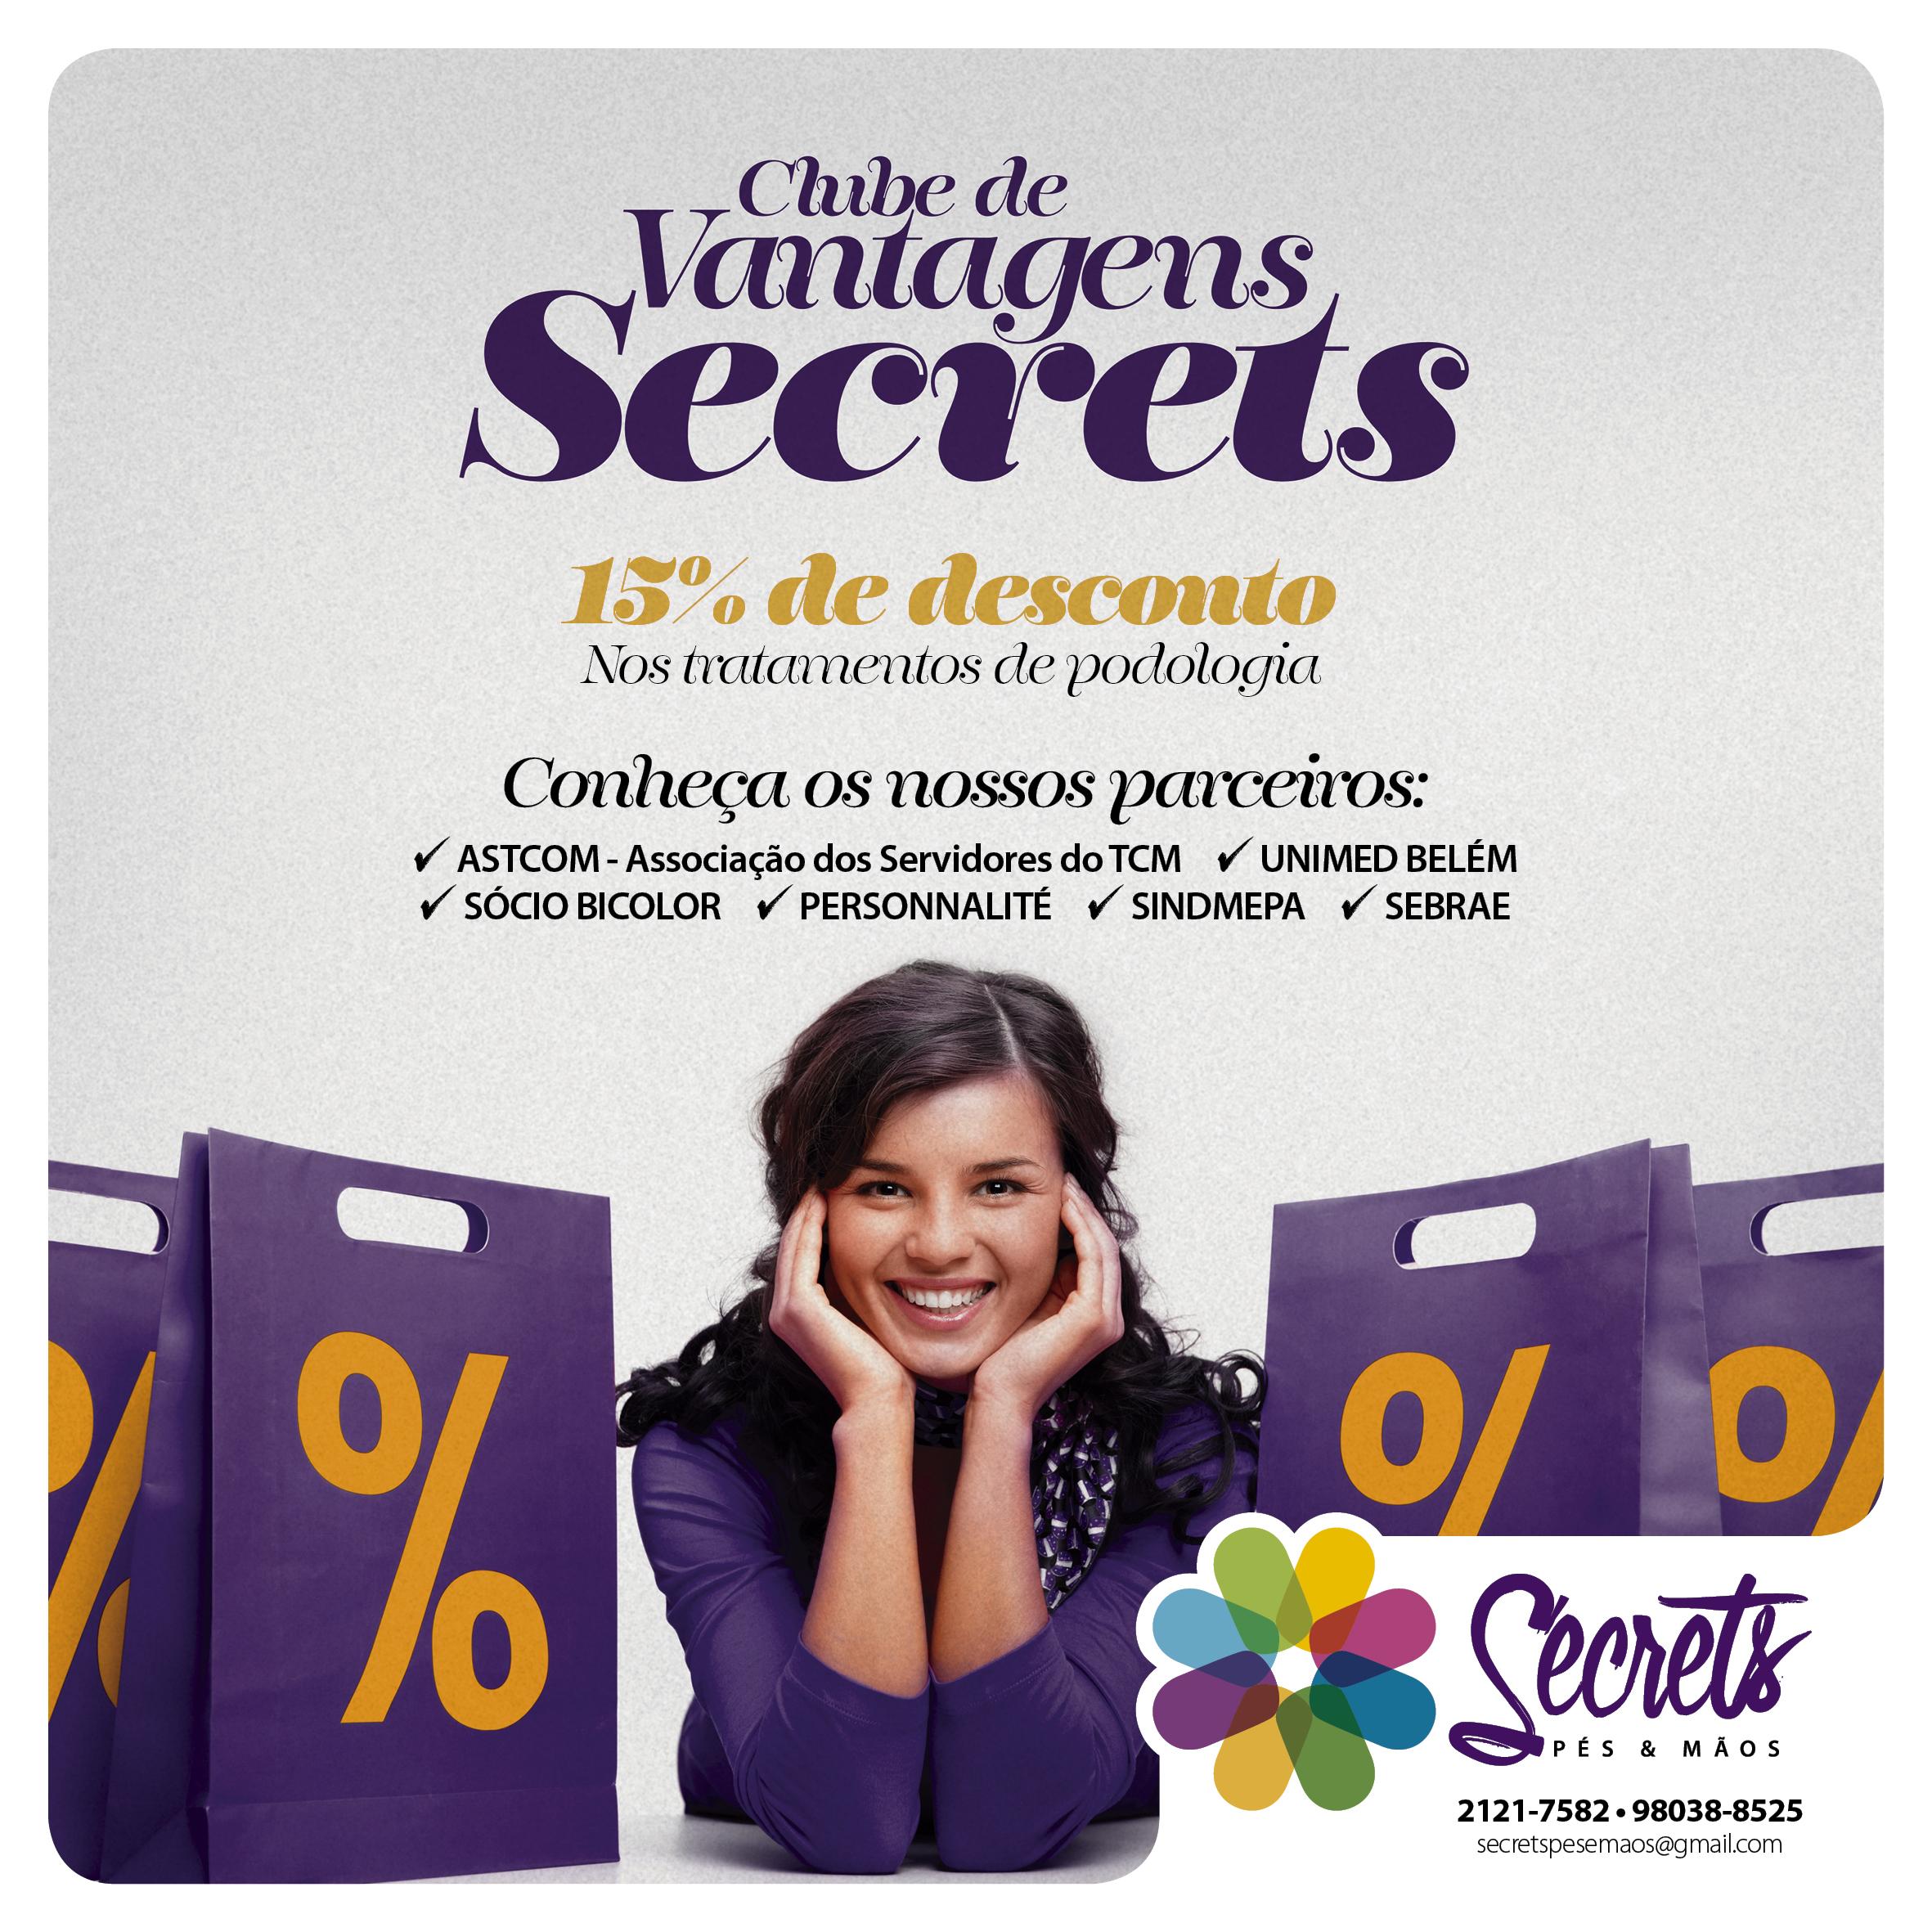 Secrets Pés